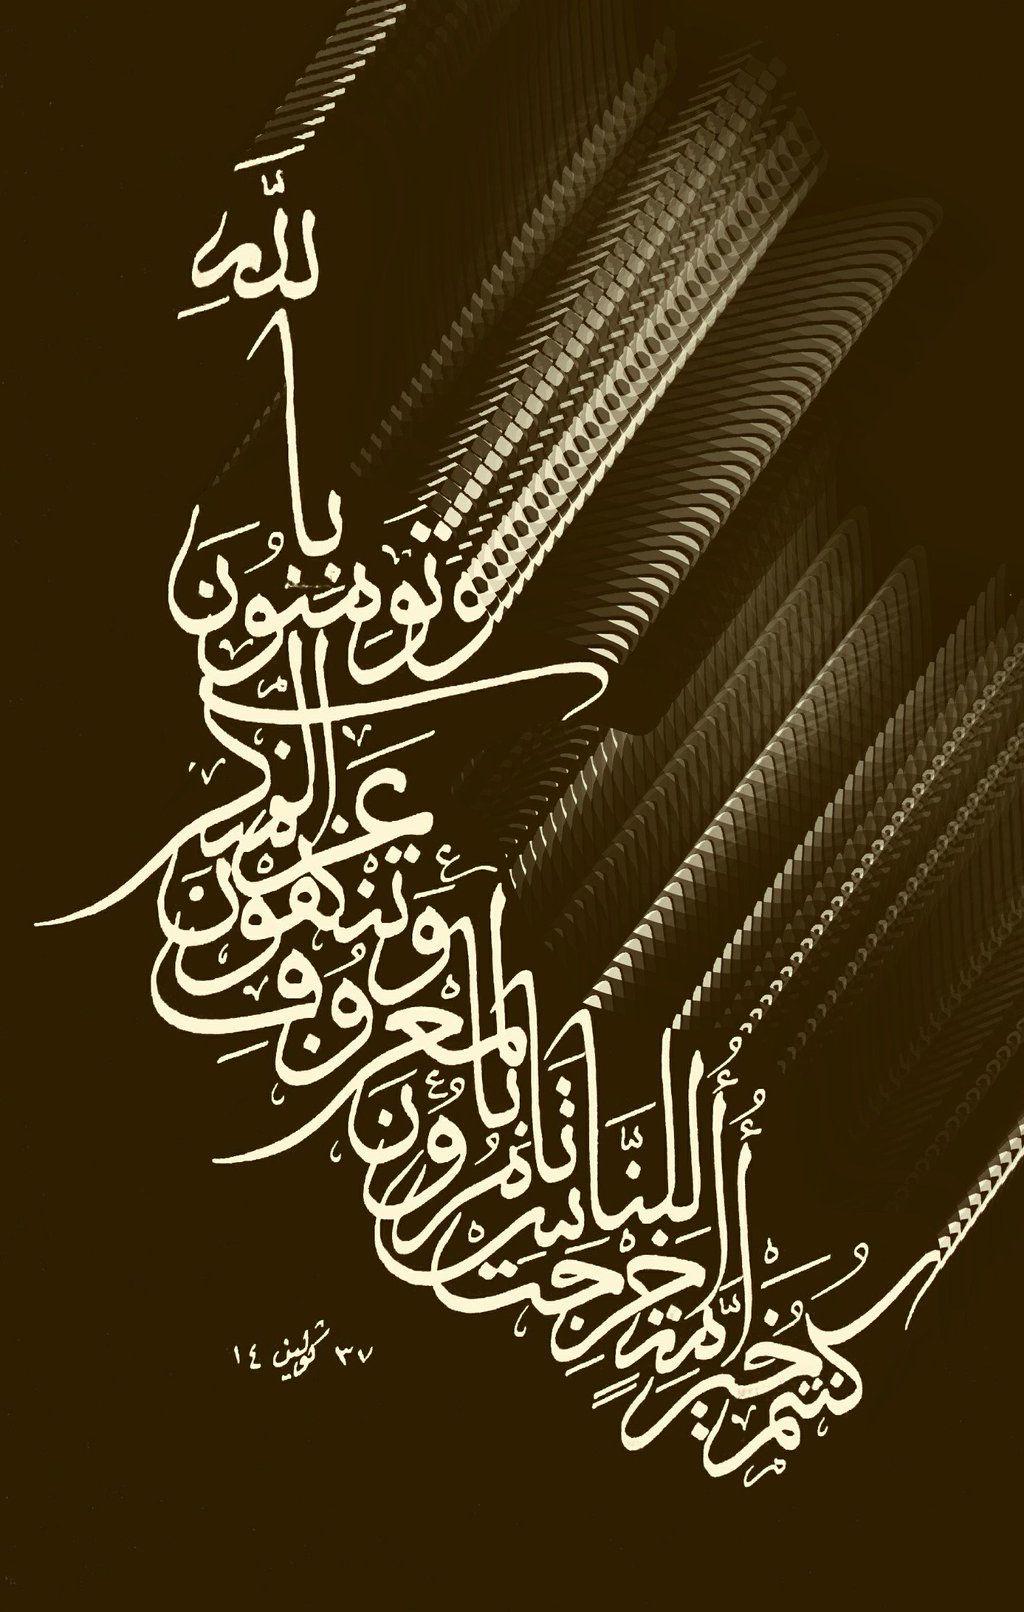 Islamic Art Allah Islamic Architecture Arabic Writing Quran Verse Islamic Vectors Artistic Ca Islamic Calligraphy Islamic Art Calligraphy Calligraphy Art